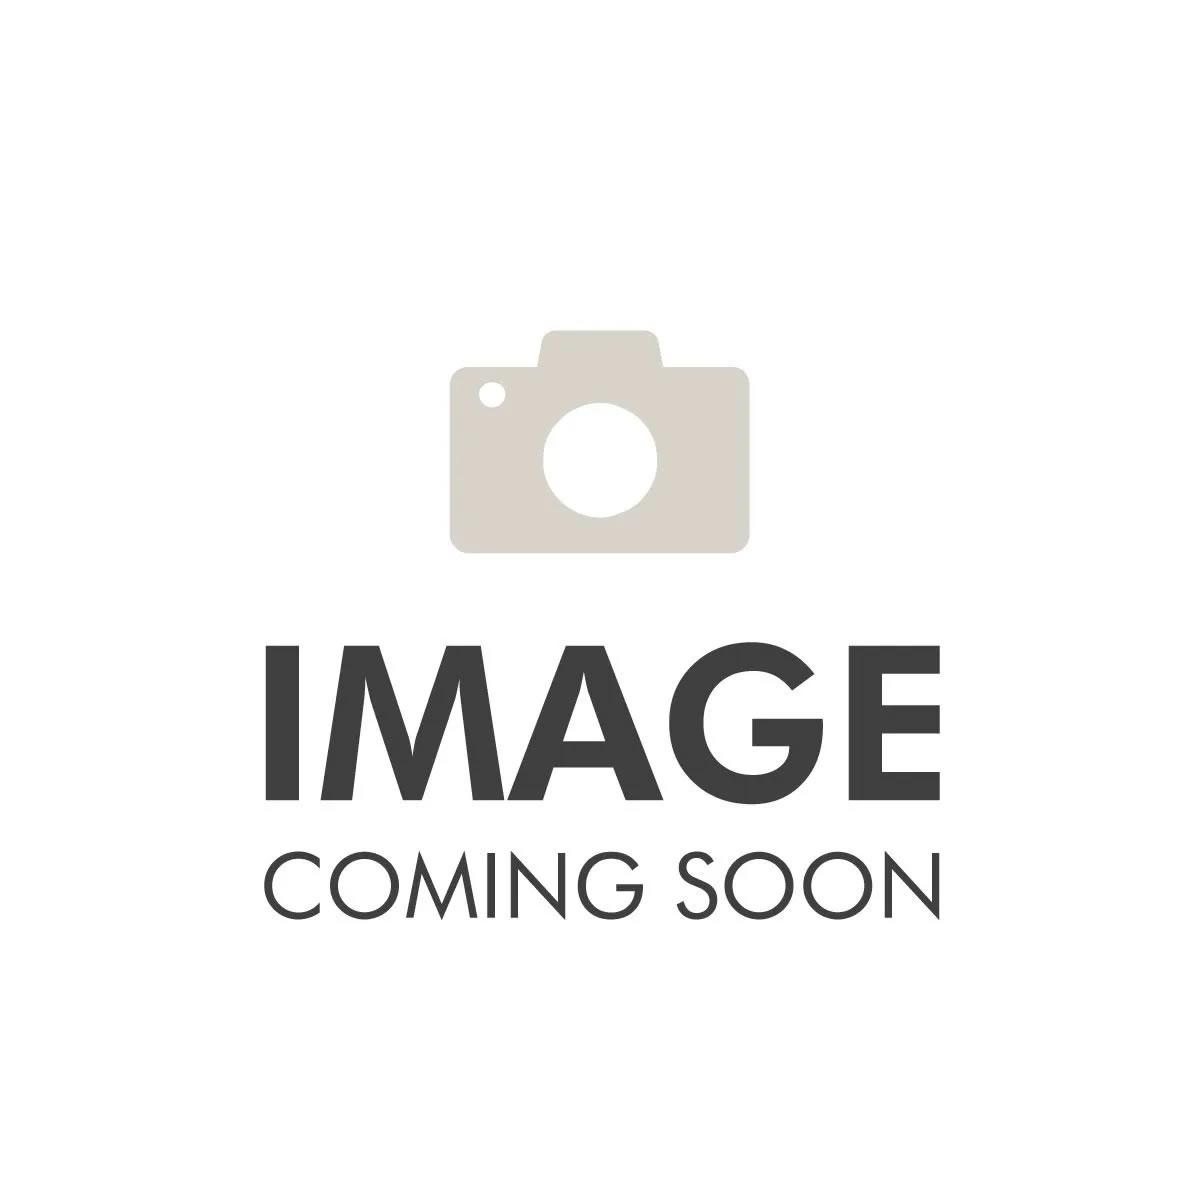 Timing Chain Kit 3.8 4.2L 72-90 Jeep CJ